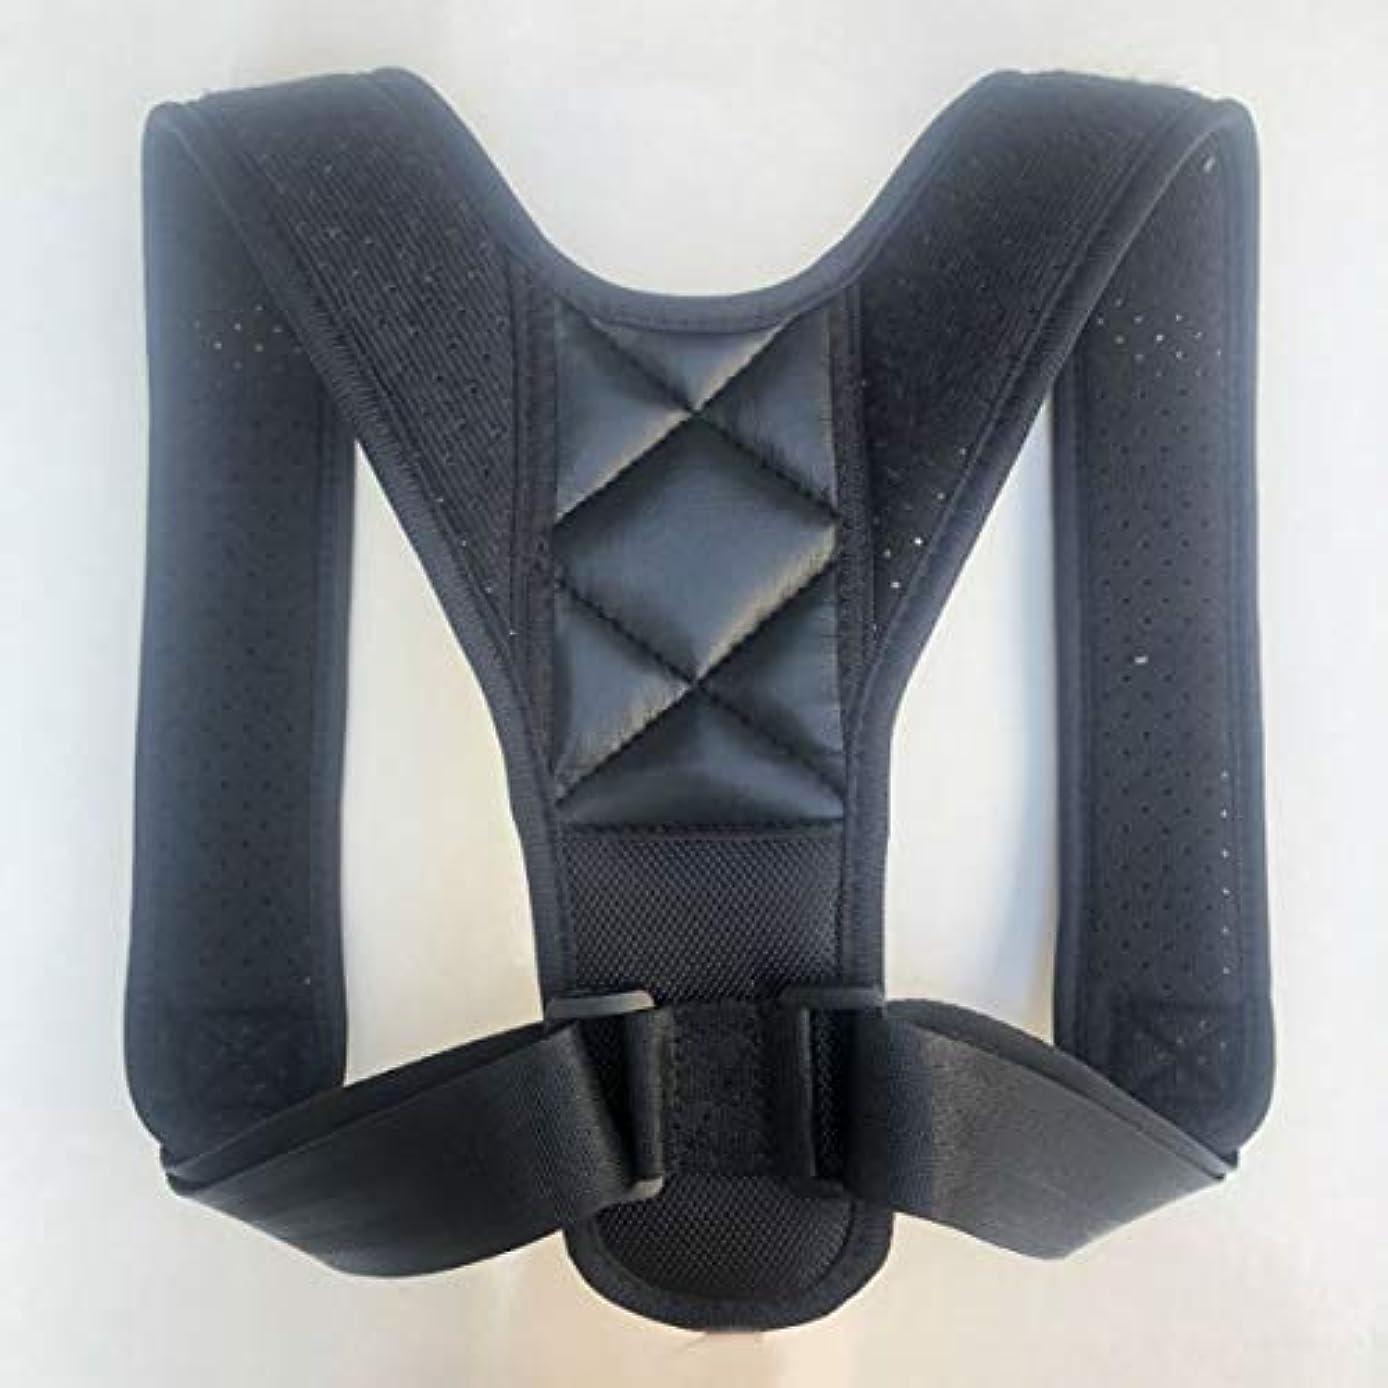 満足できるアリ崩壊アッパーバックポスチャーコレクター姿勢鎖骨サポートコレクターバックストレートショルダーブレースストラップコレクター - ブラック